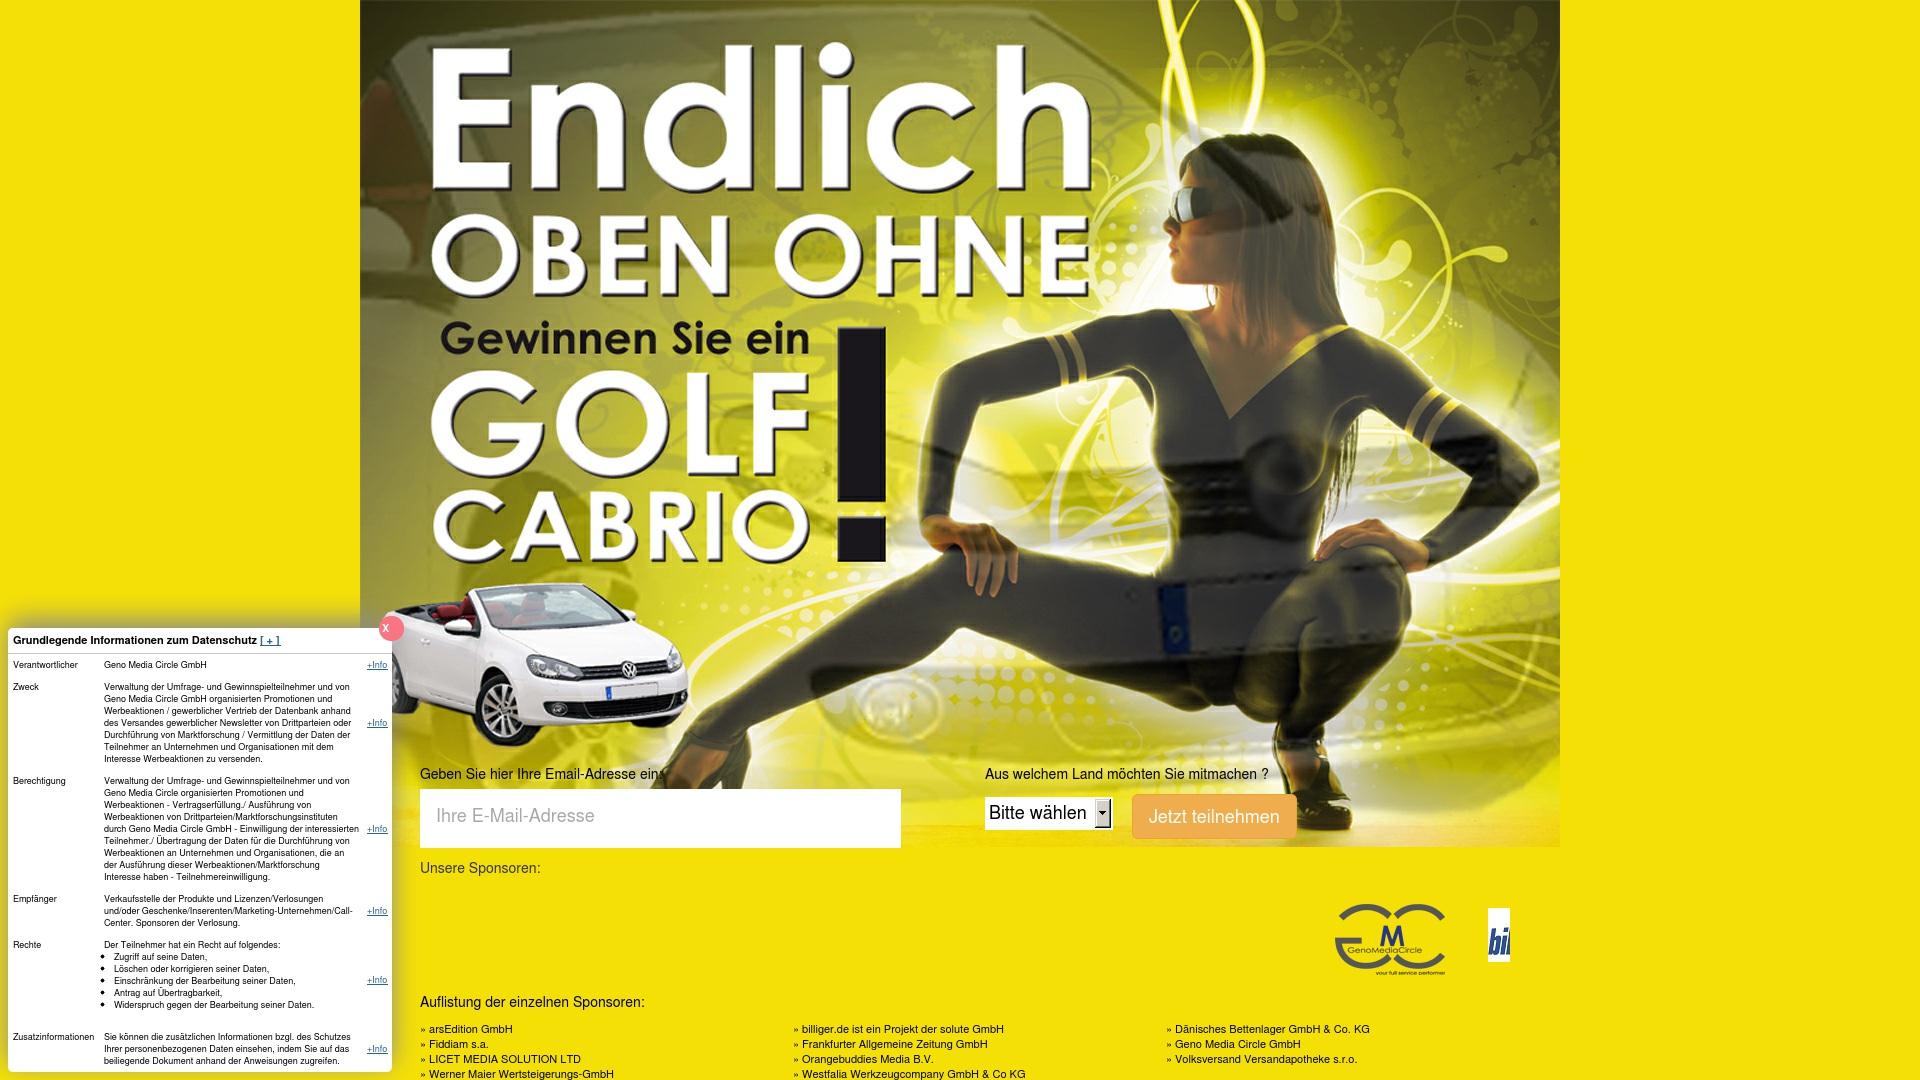 Gutschein für Cabrio-gewinnen: Rabatte für  Cabrio-gewinnen sichern